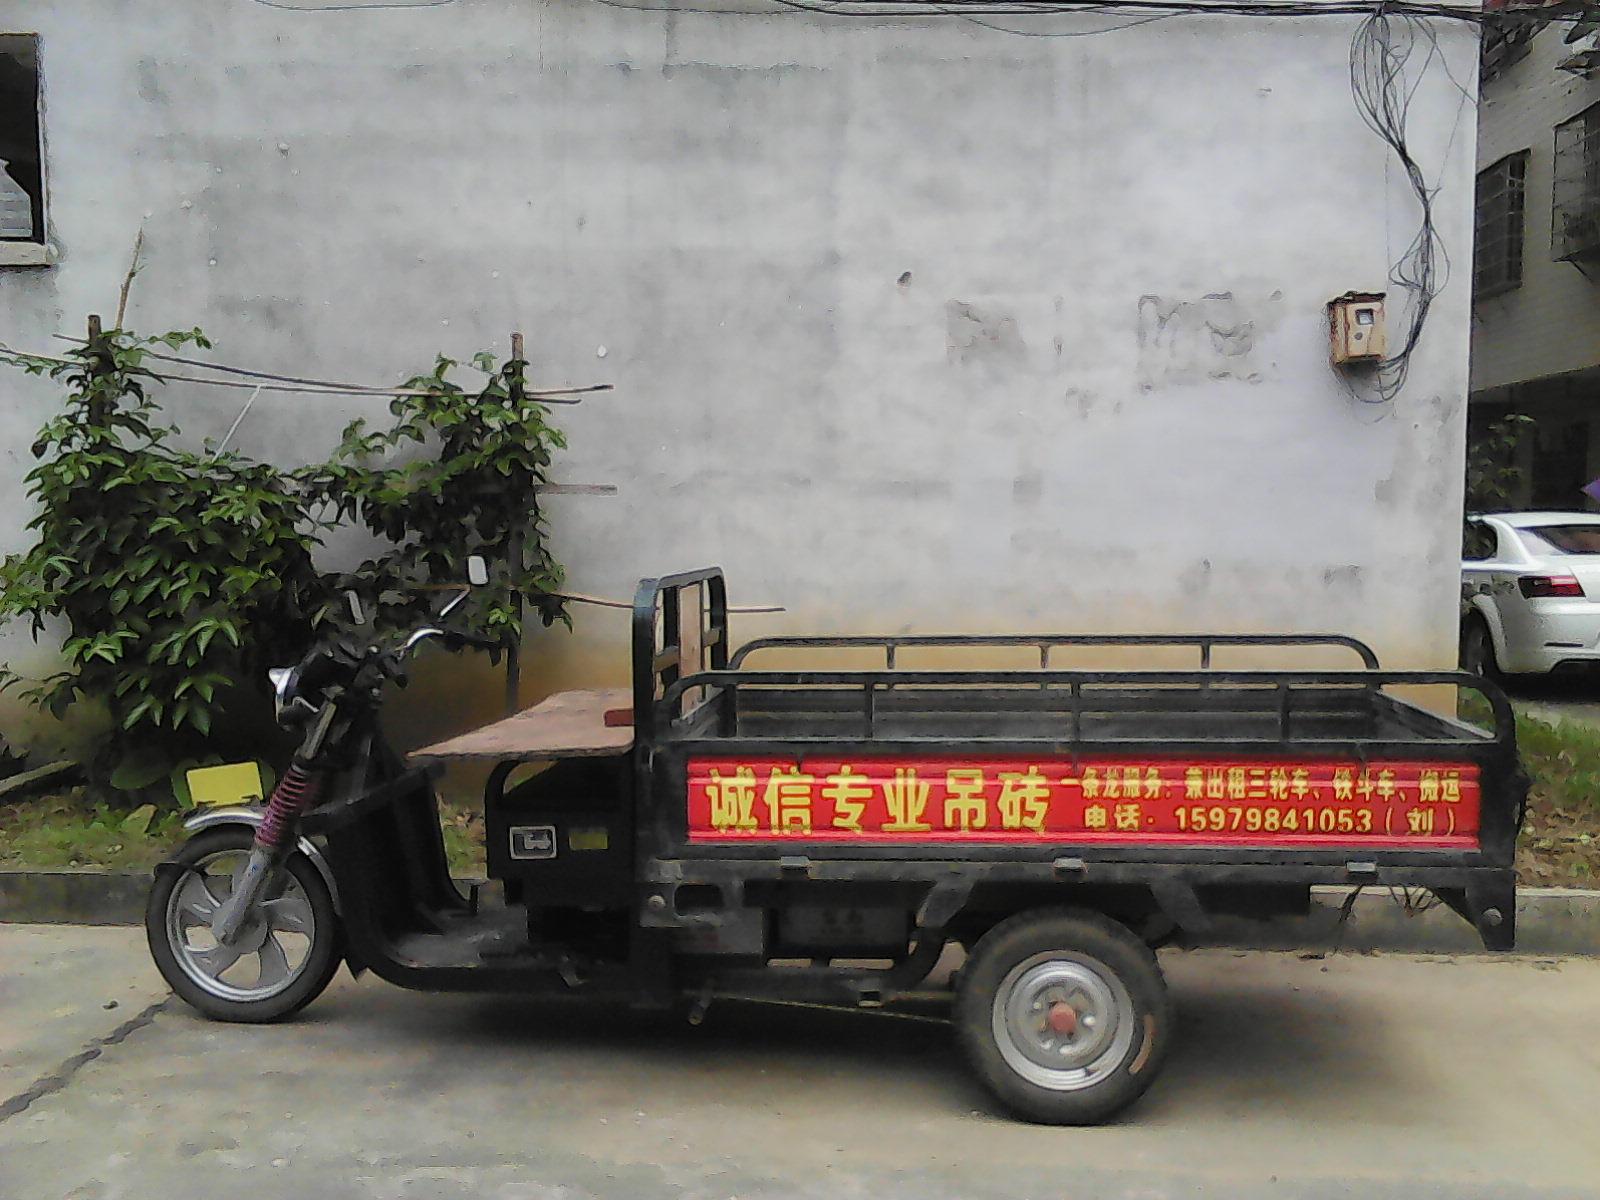 471461诚信专业吊砖,一条龙服务,兼出租三轮车,铁斗车,搬运。